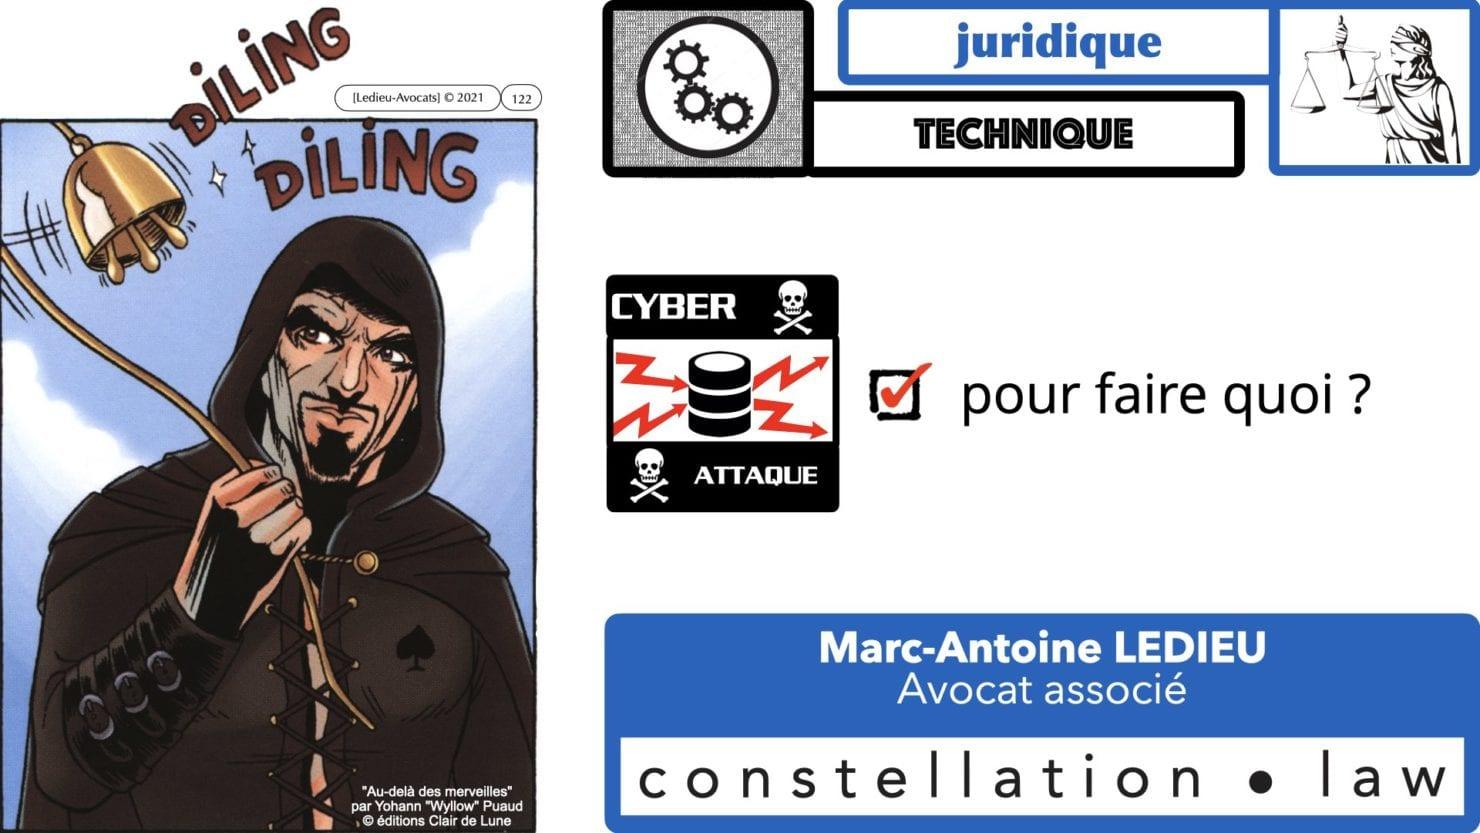 333 CYBER ATTAQUE responsabilité pénale civile contrat © Ledieu-Avocats 23-05-2021.122